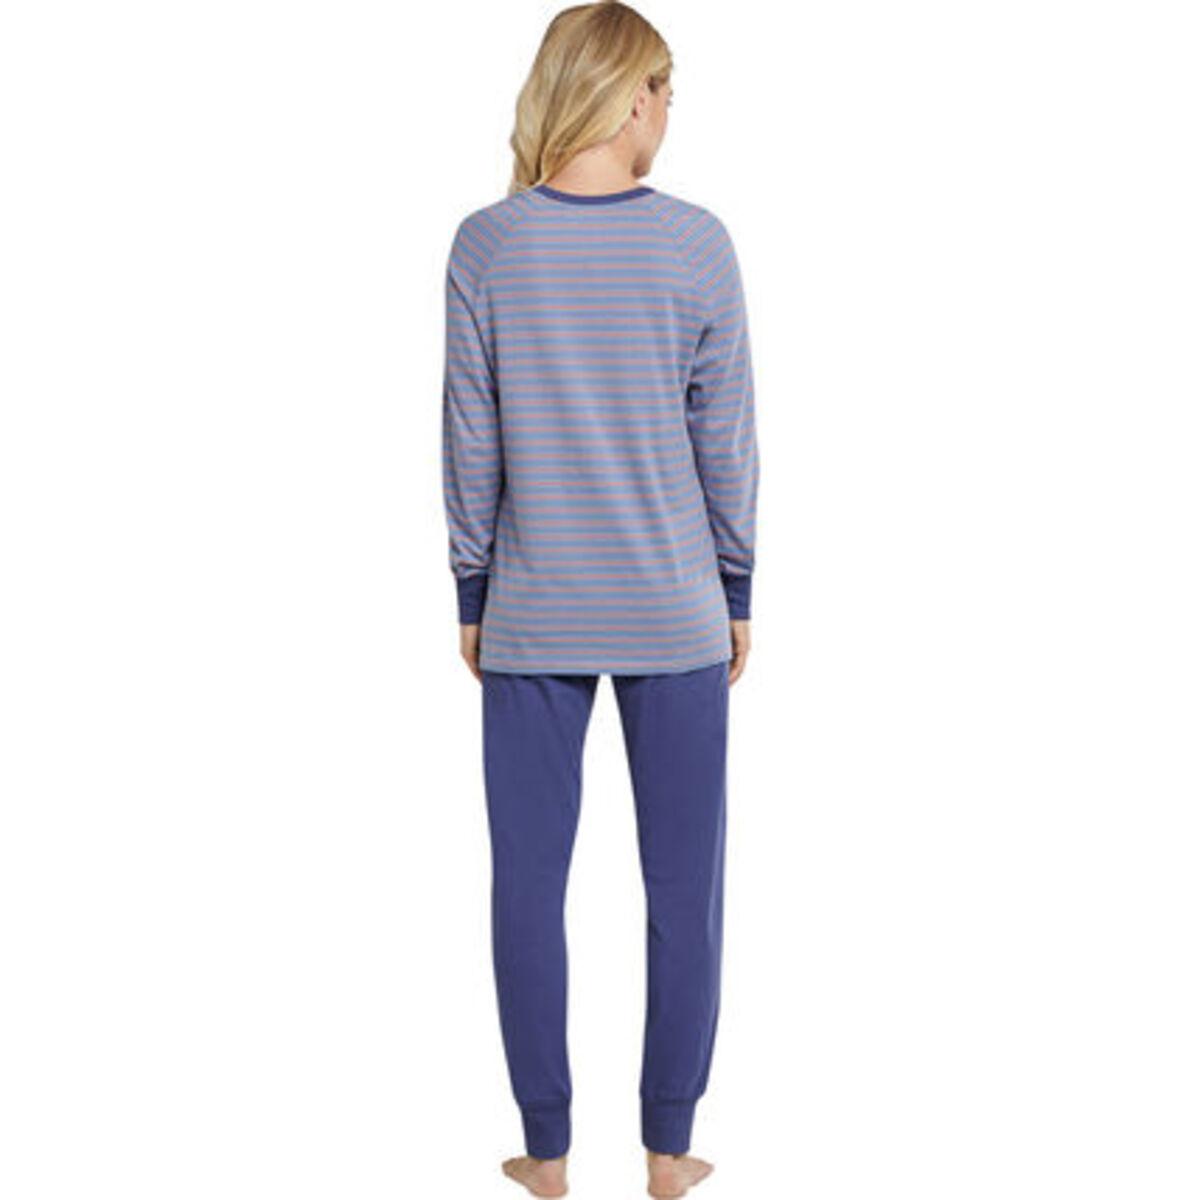 Bild 2 von Schiesser Schlafanzug, lang, Ringelmuster, Rippbündchen, für Damen